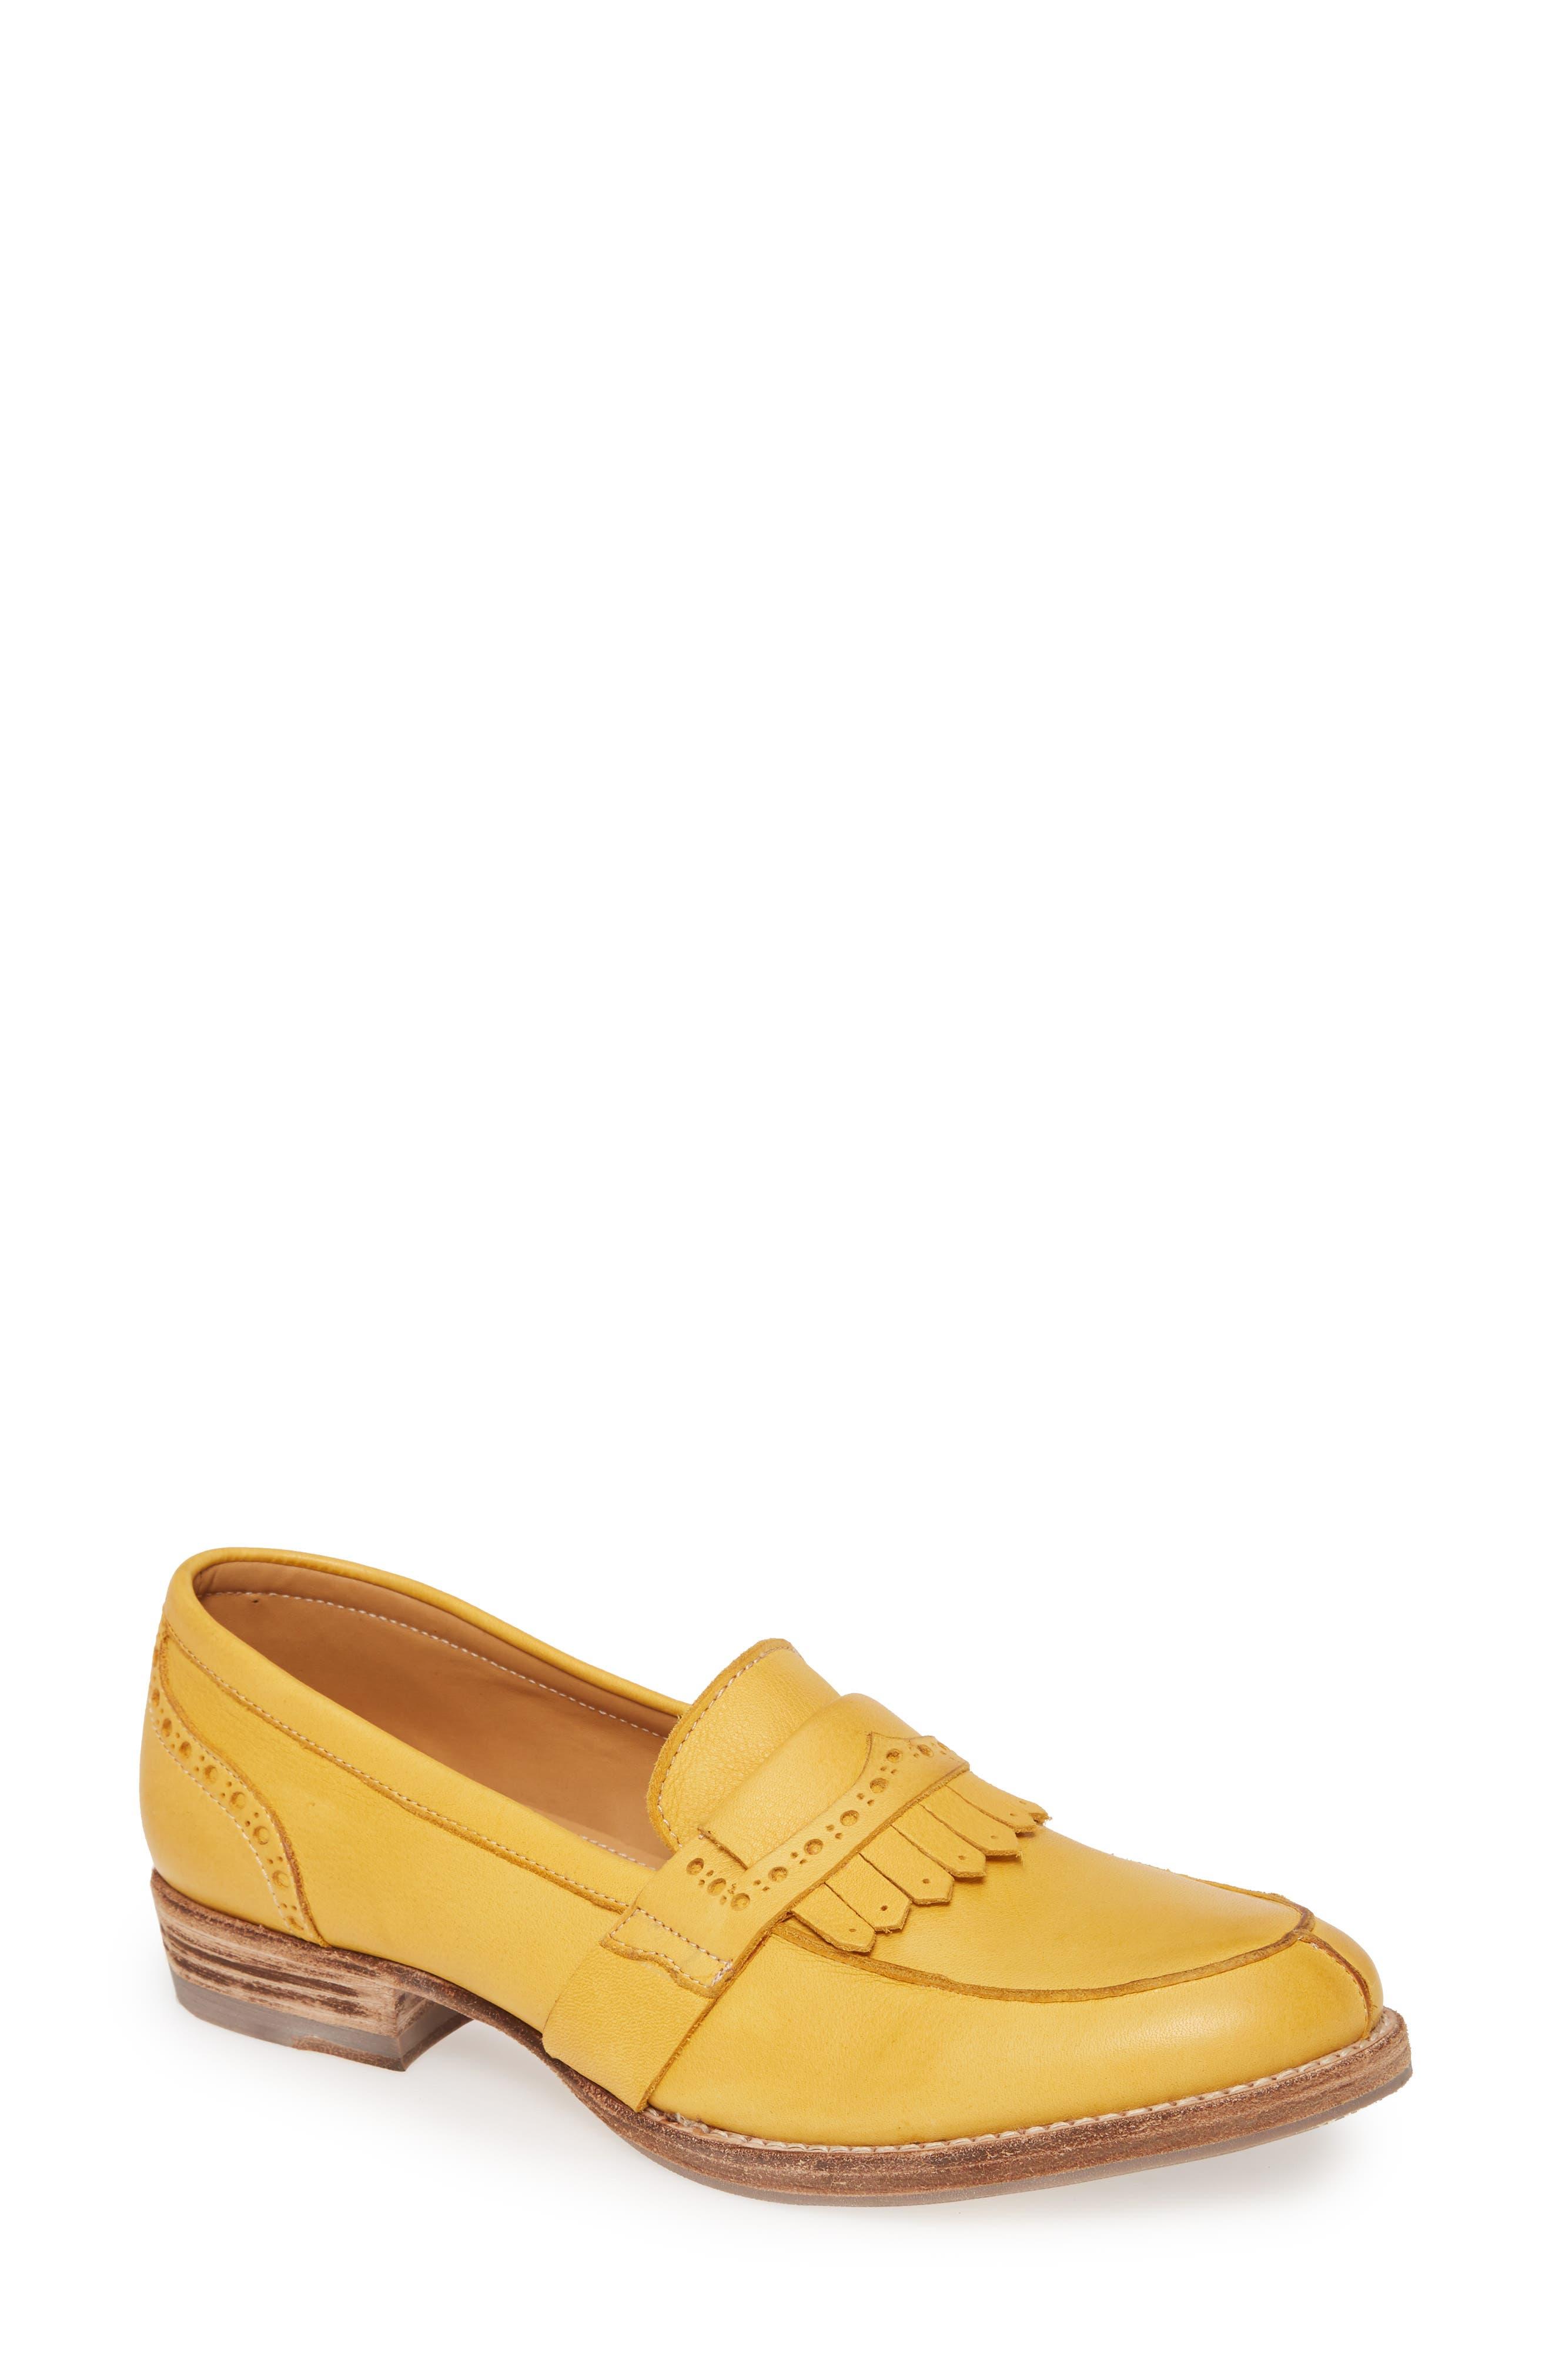 Hl57 Loafer